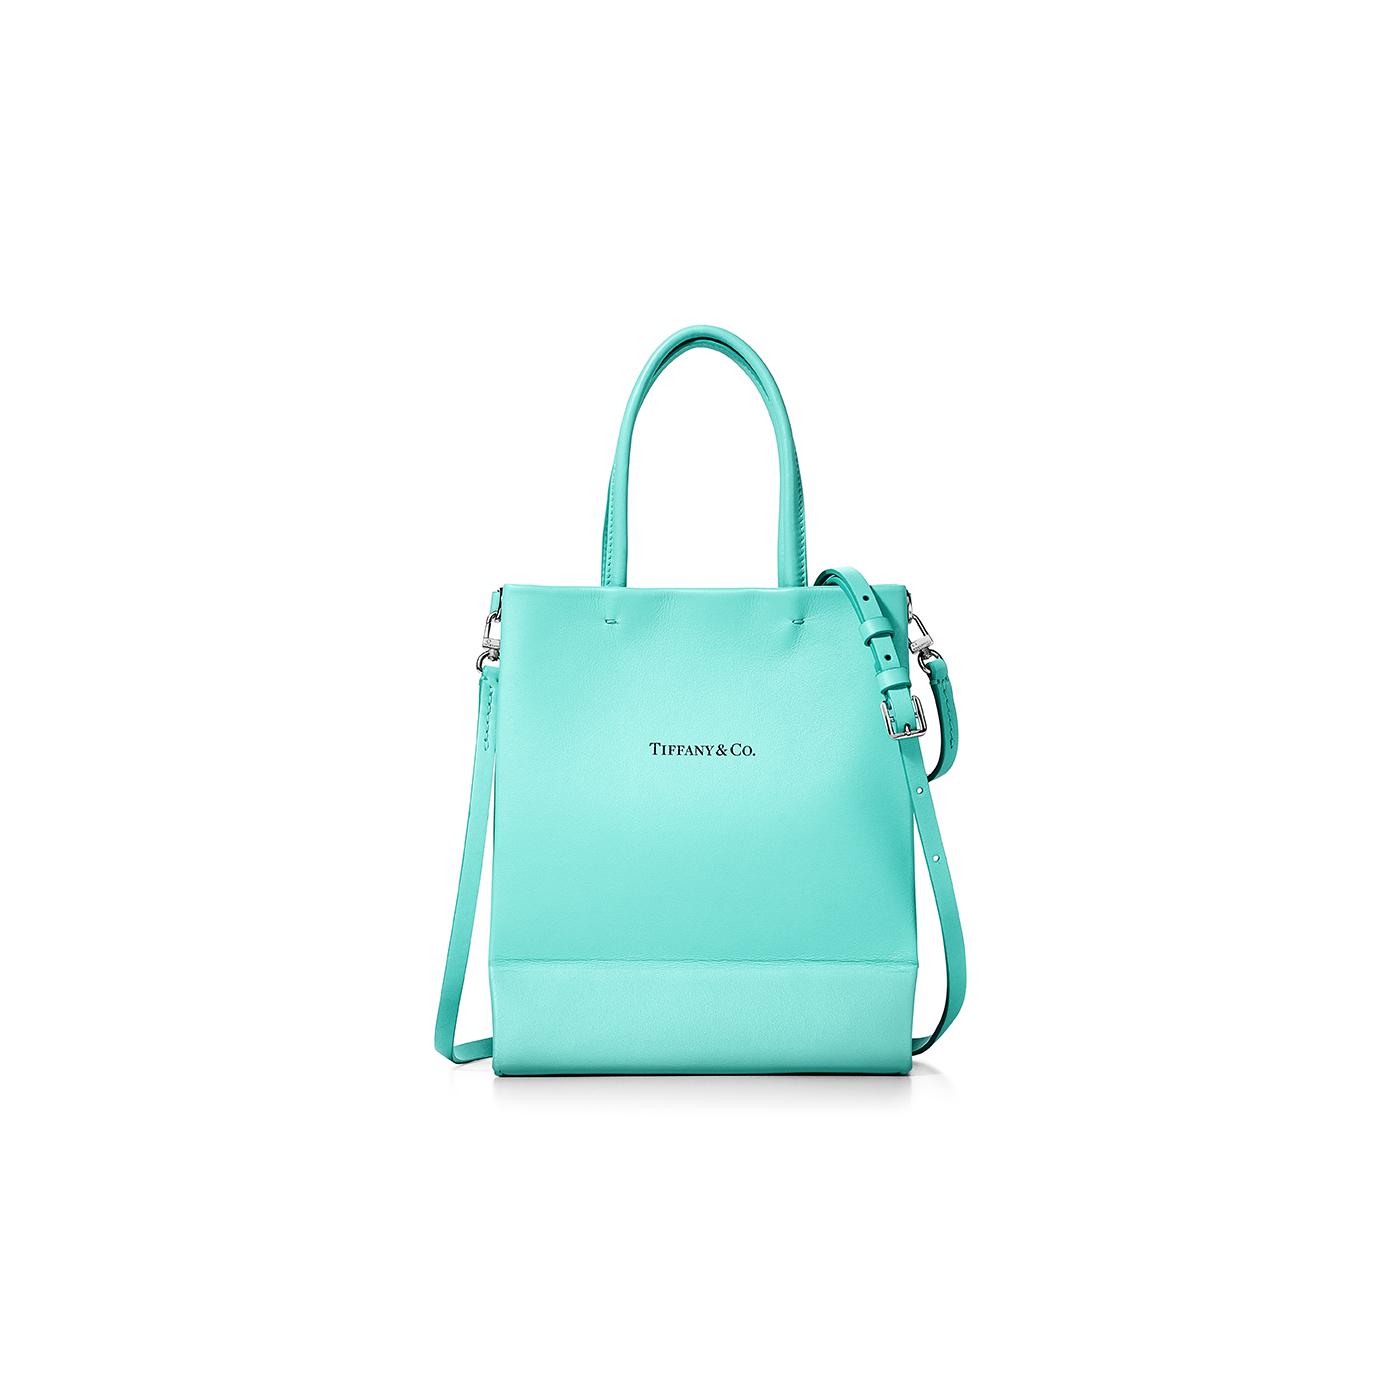 ティファニーのショッピングトート ミニ レザーショッピングバッグ